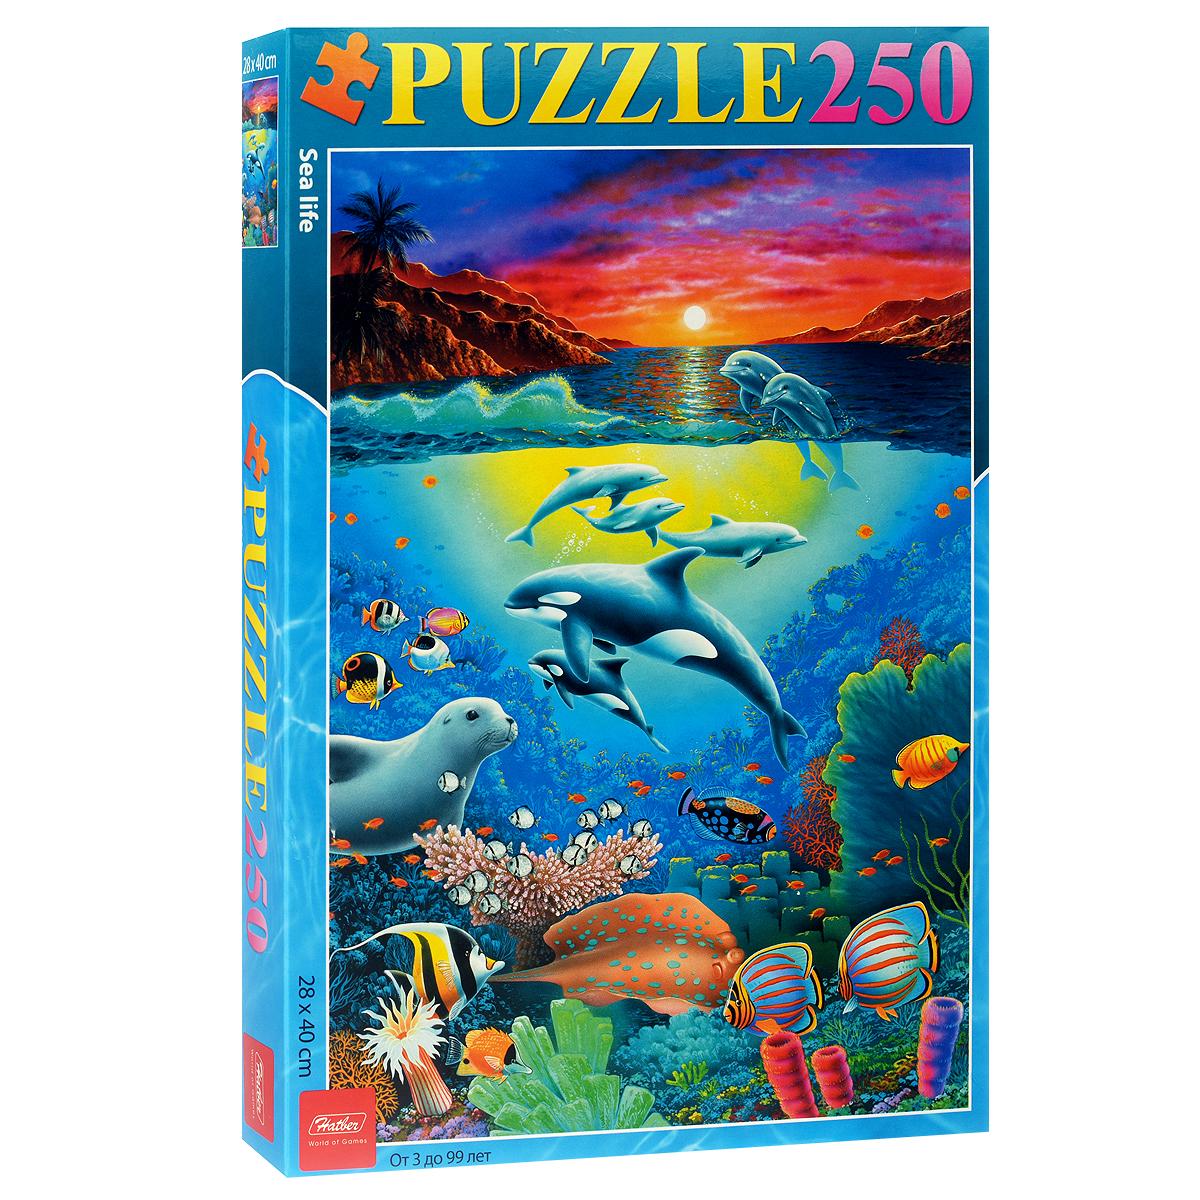 Морской мир. Пазл, 250 элементов250ПЗ3_07942Пазл Морской мир, без сомнения, придется по душе любому. Собрав этот пазл, включающий 250 элементов, вы получите картинку с ярким изображением подводного мира. Пазлы - замечательная игра для всей семьи. Сегодня собирание пазлов стало особенно популярным, главным образом, благодаря своей многообразной тематике, способной удовлетворить самый взыскательный вкус. Собирание пазла развивает у детей мелкую моторику рук, тренирует наблюдательность, логическое и образное мышление, знакомит с окружающим миром, с цветом и разнообразными формами, учит усидчивости и терпению, аккуратности и вниманию. Получившееся эффектное изображение станет отличным украшением вашего интерьера.